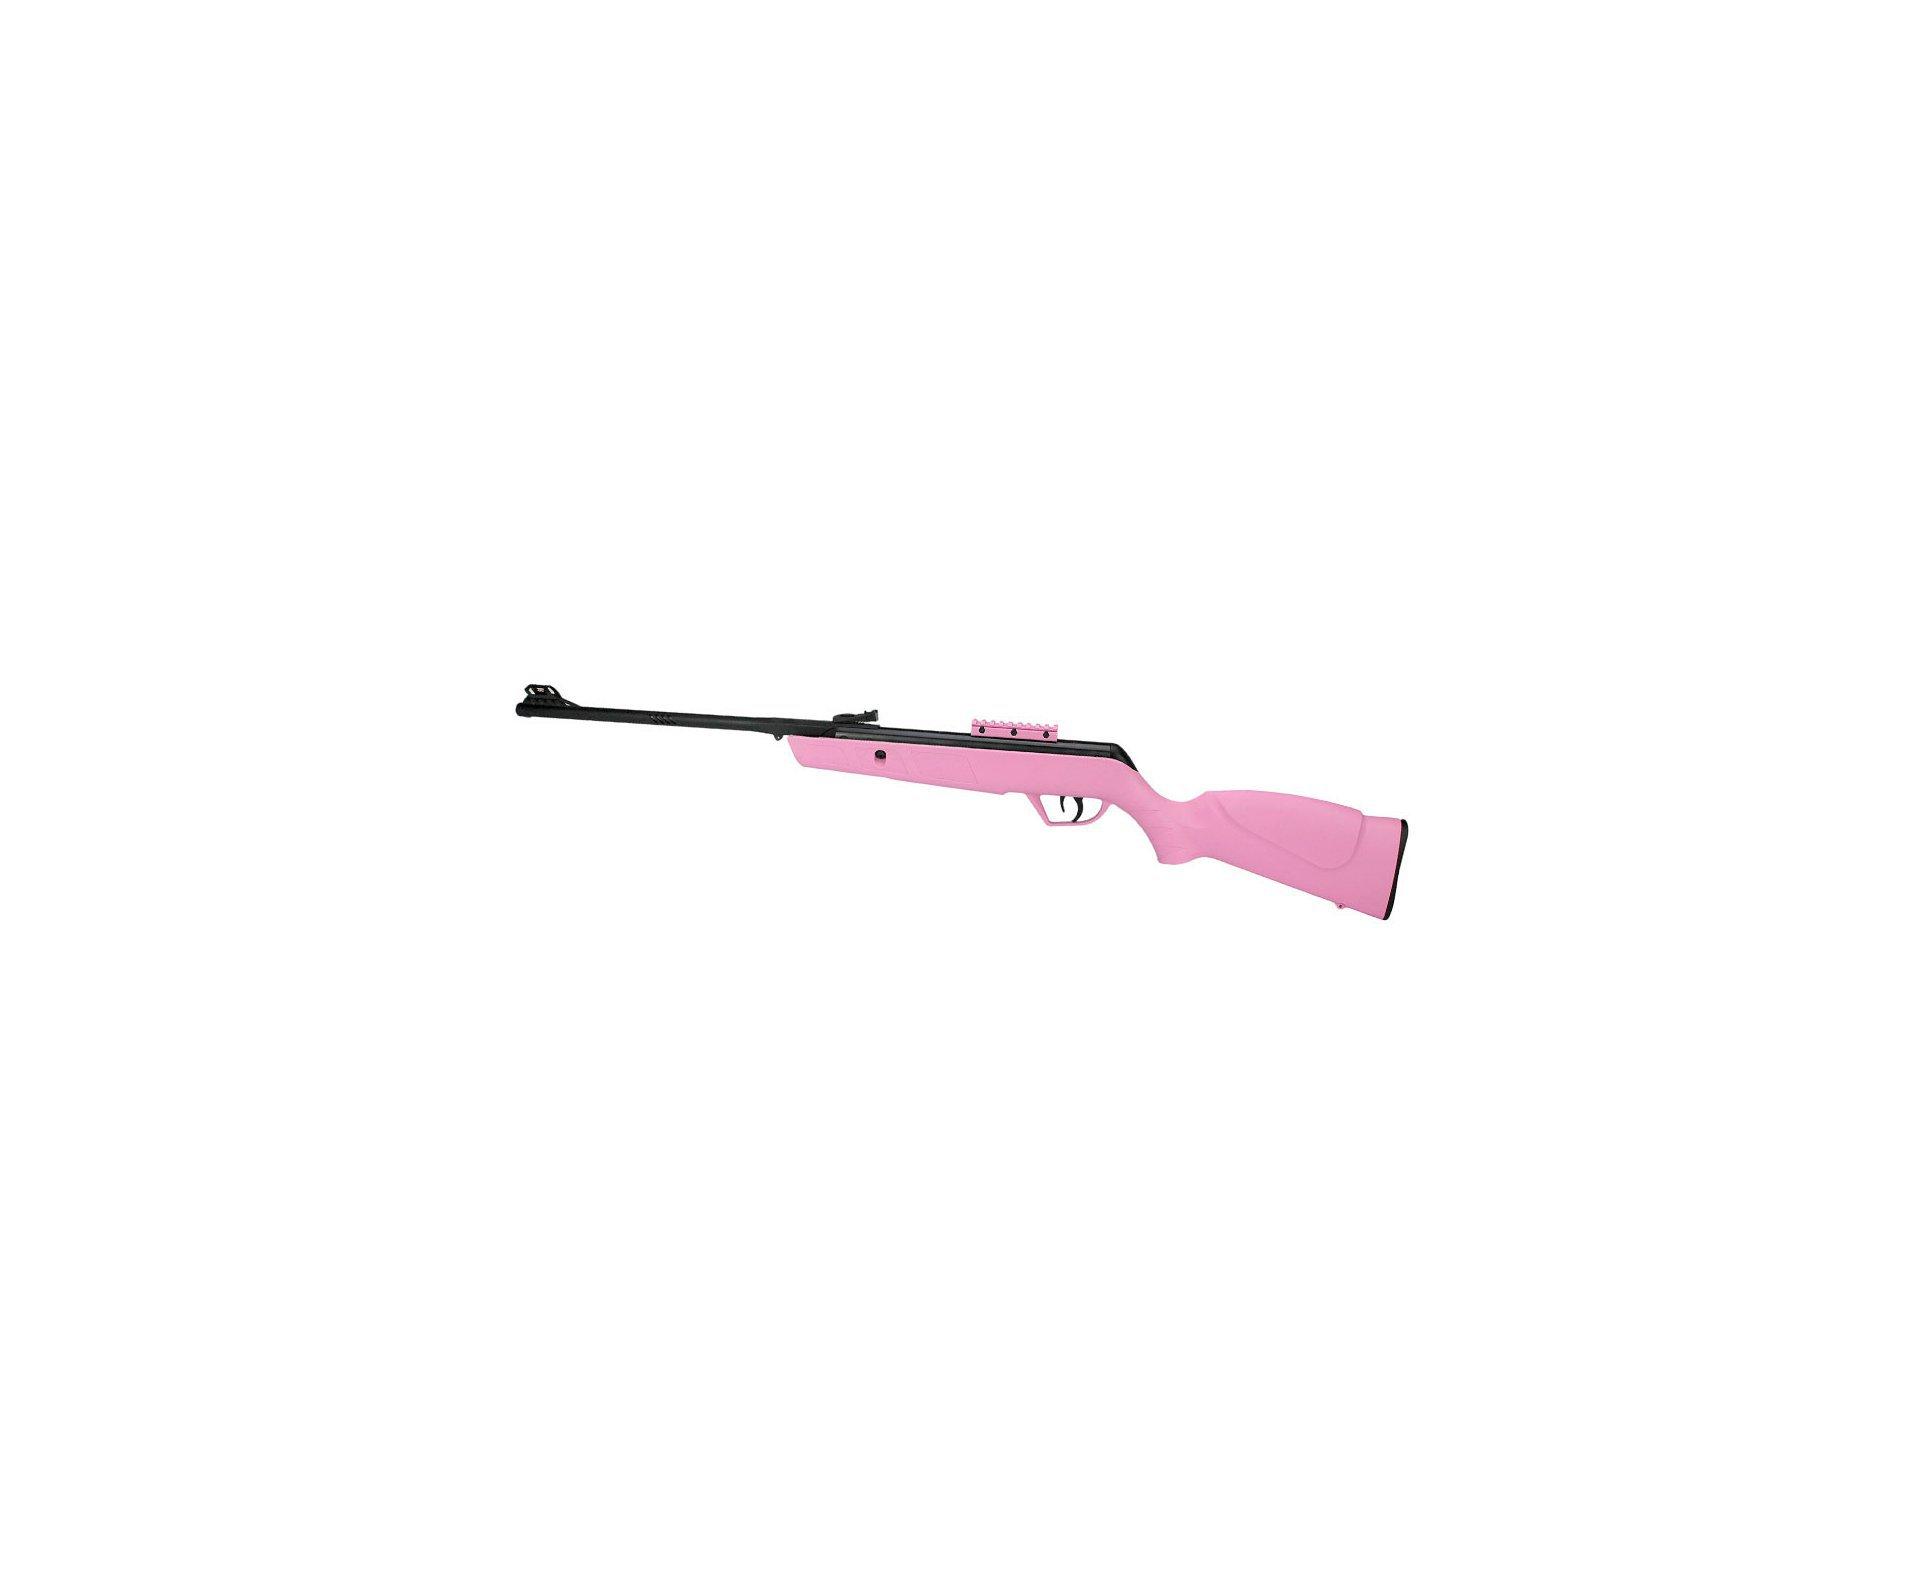 Carabina De Pressão Cbc Jade Mais Cal 4,5mm Oxidada Rosa